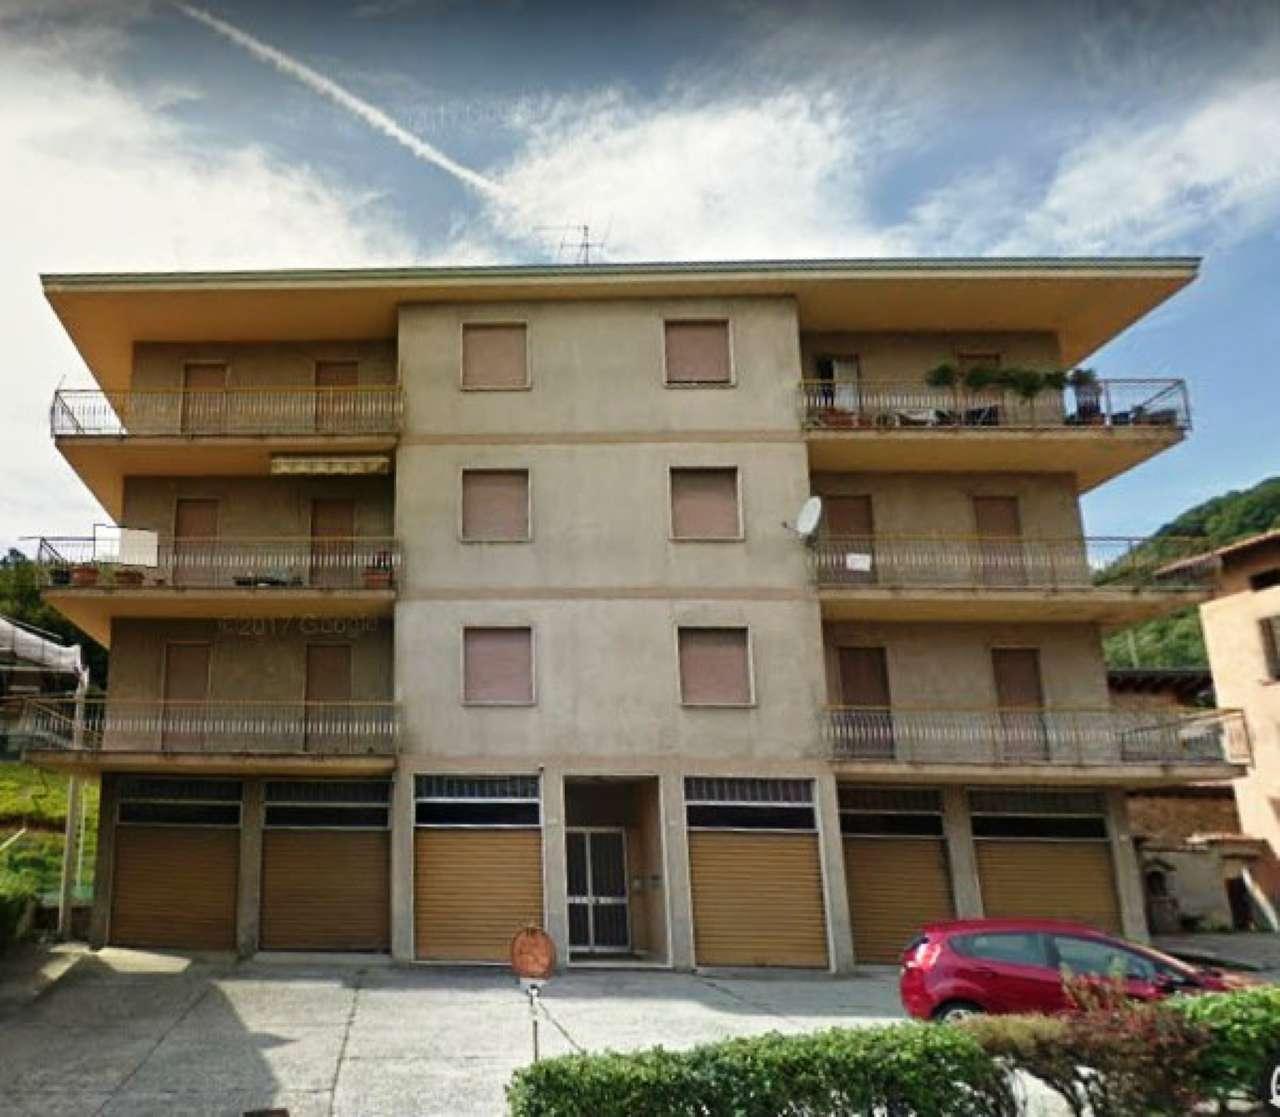 Appartamento in vendita a Almenno San Salvatore, 4 locali, prezzo € 57.000 | PortaleAgenzieImmobiliari.it